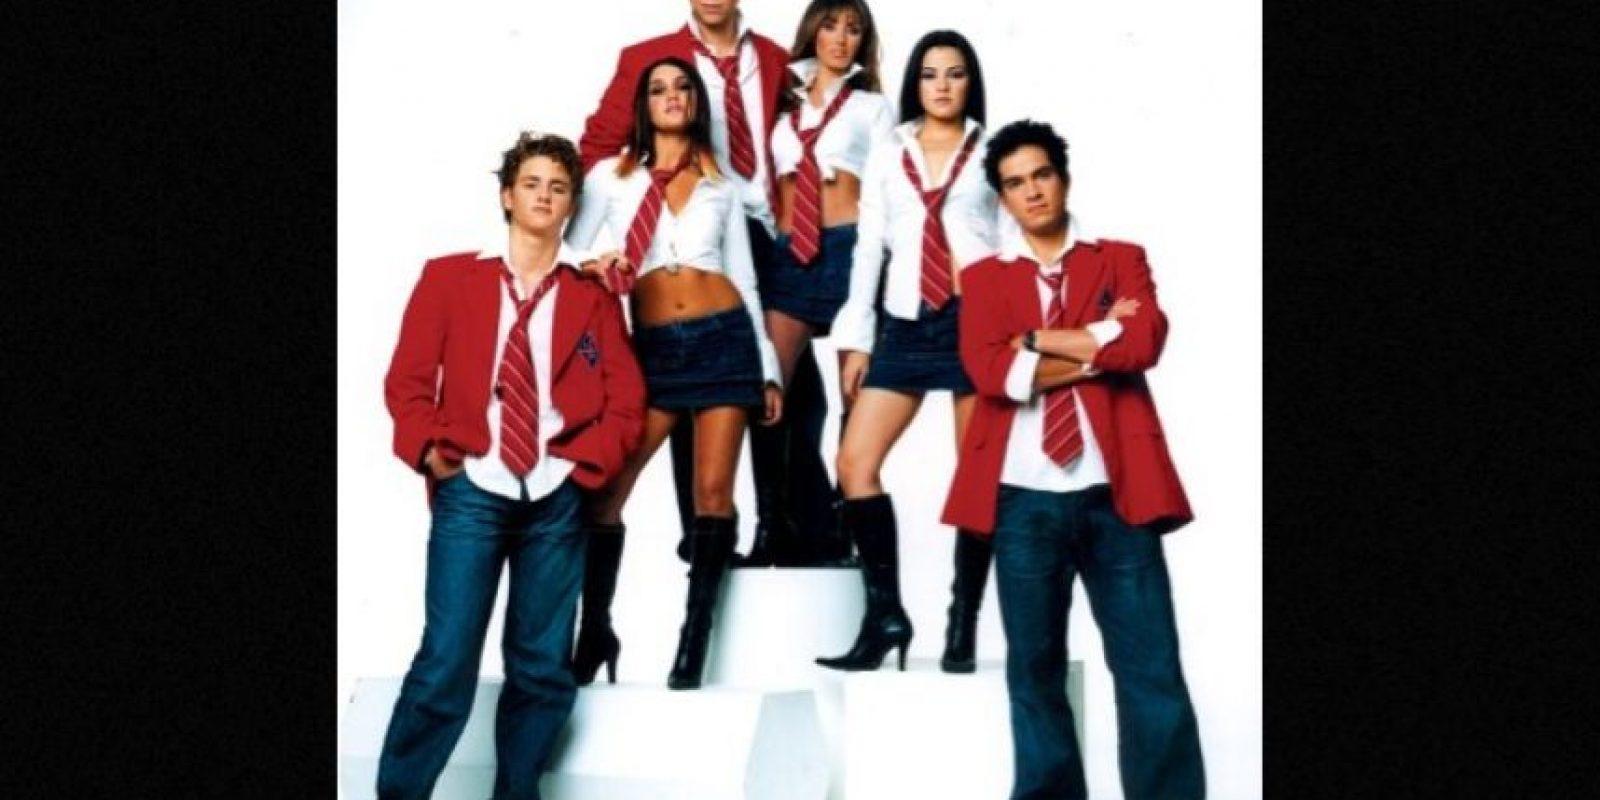 2. Integrado por Anahí, Dulce María, Alfonso Herrera, Christopher Uckermann, Maite Perroni y Christian Chávez, RBD se convirtió en uno de los grupos pop más importantes a nivel mundial. Foto:Televisa